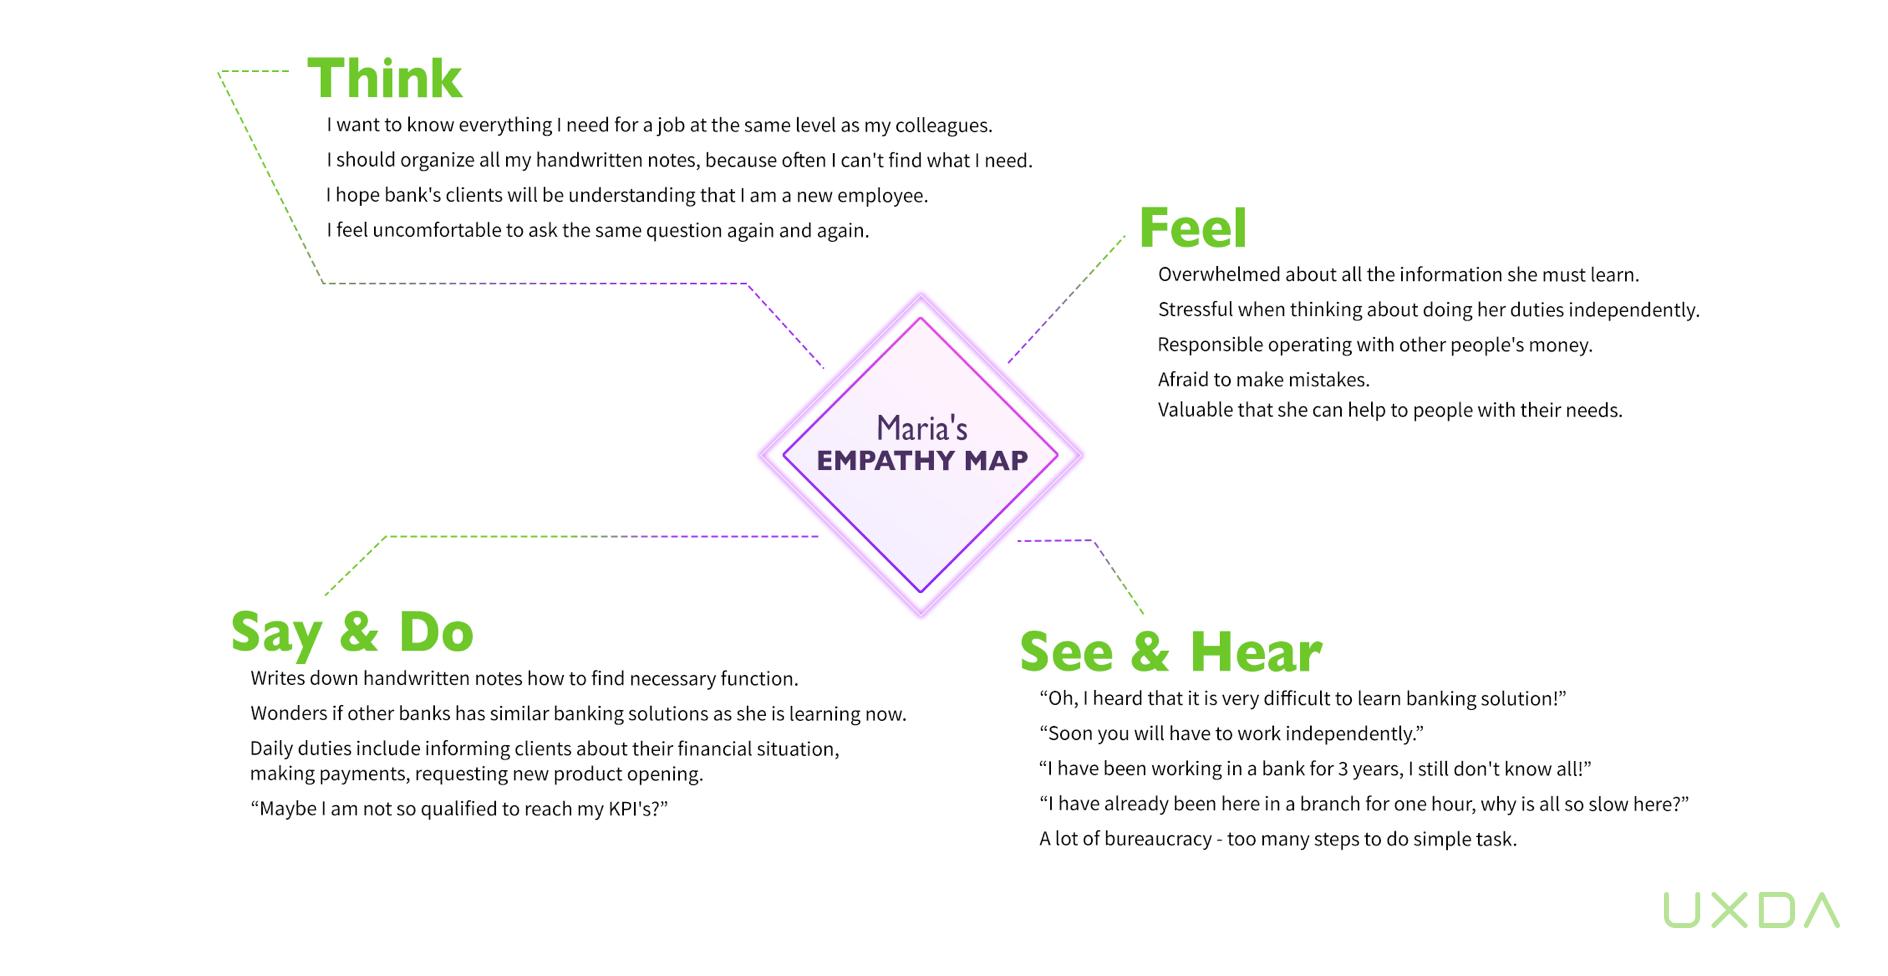 Empathy-map-UXDA-M-1.jpg